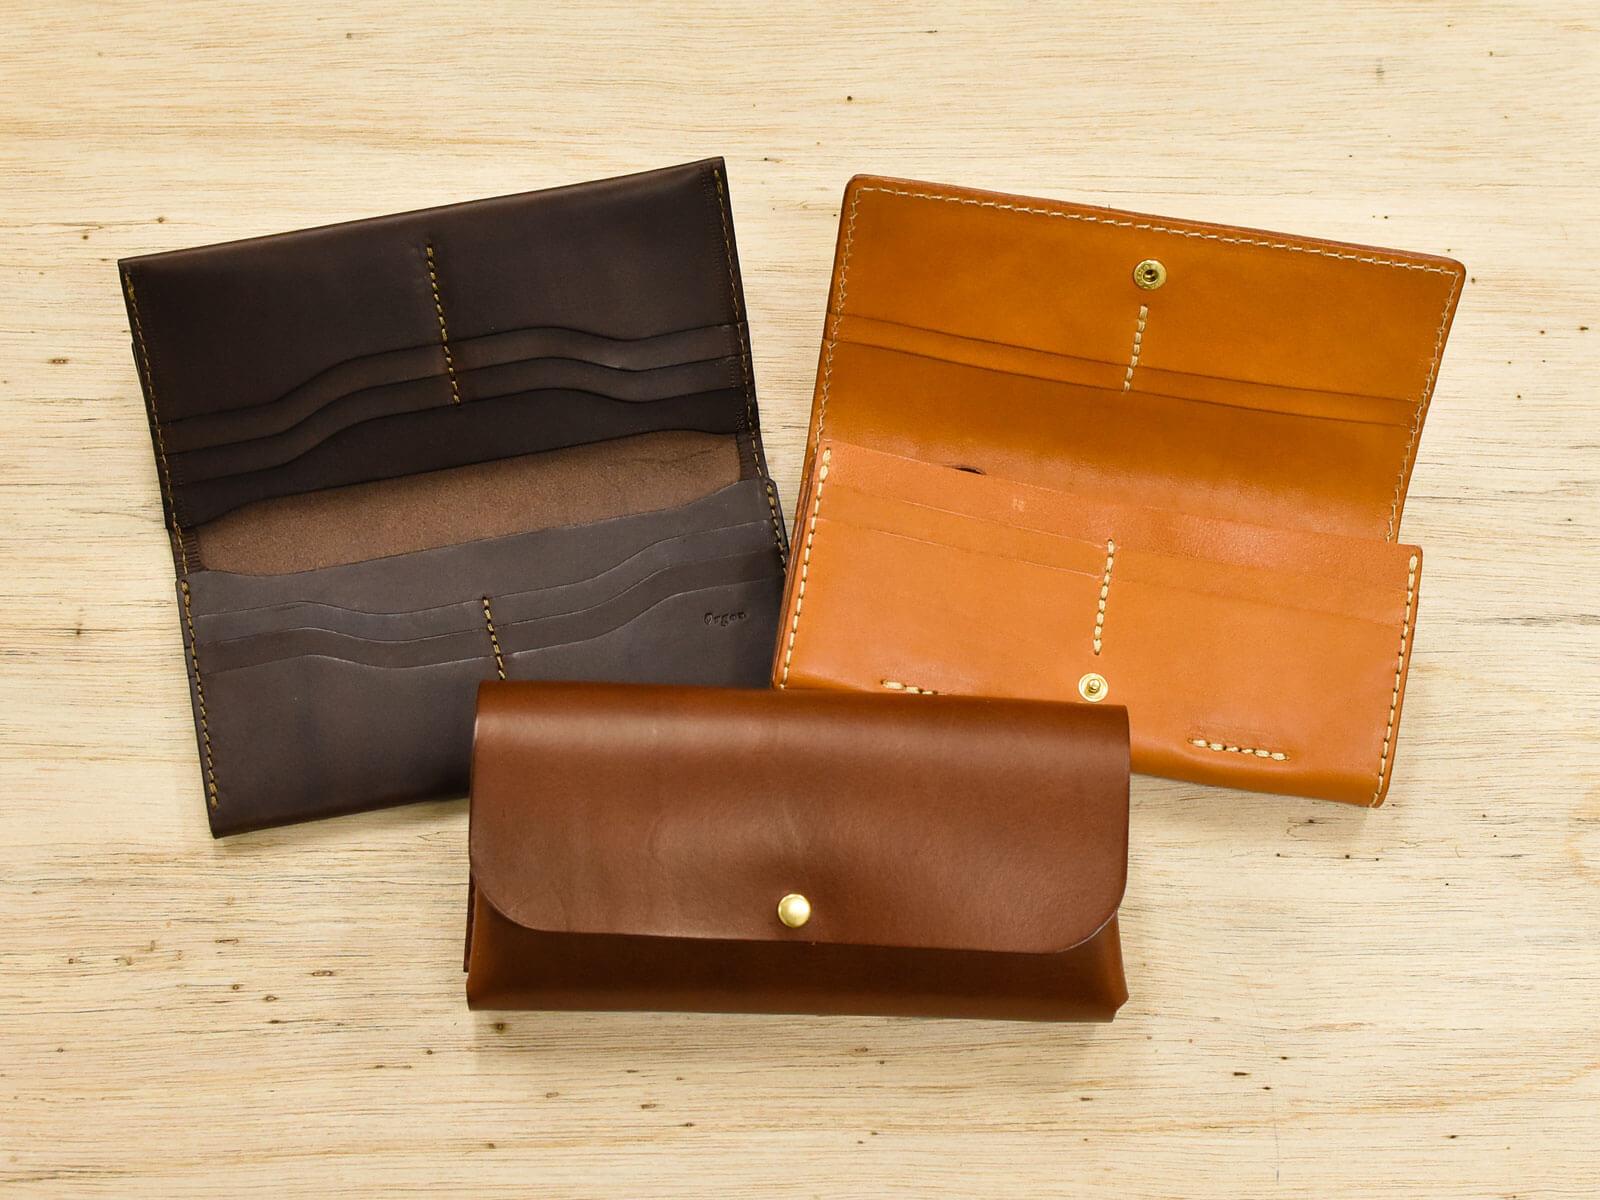 カードポケットNo.1の財布は!?